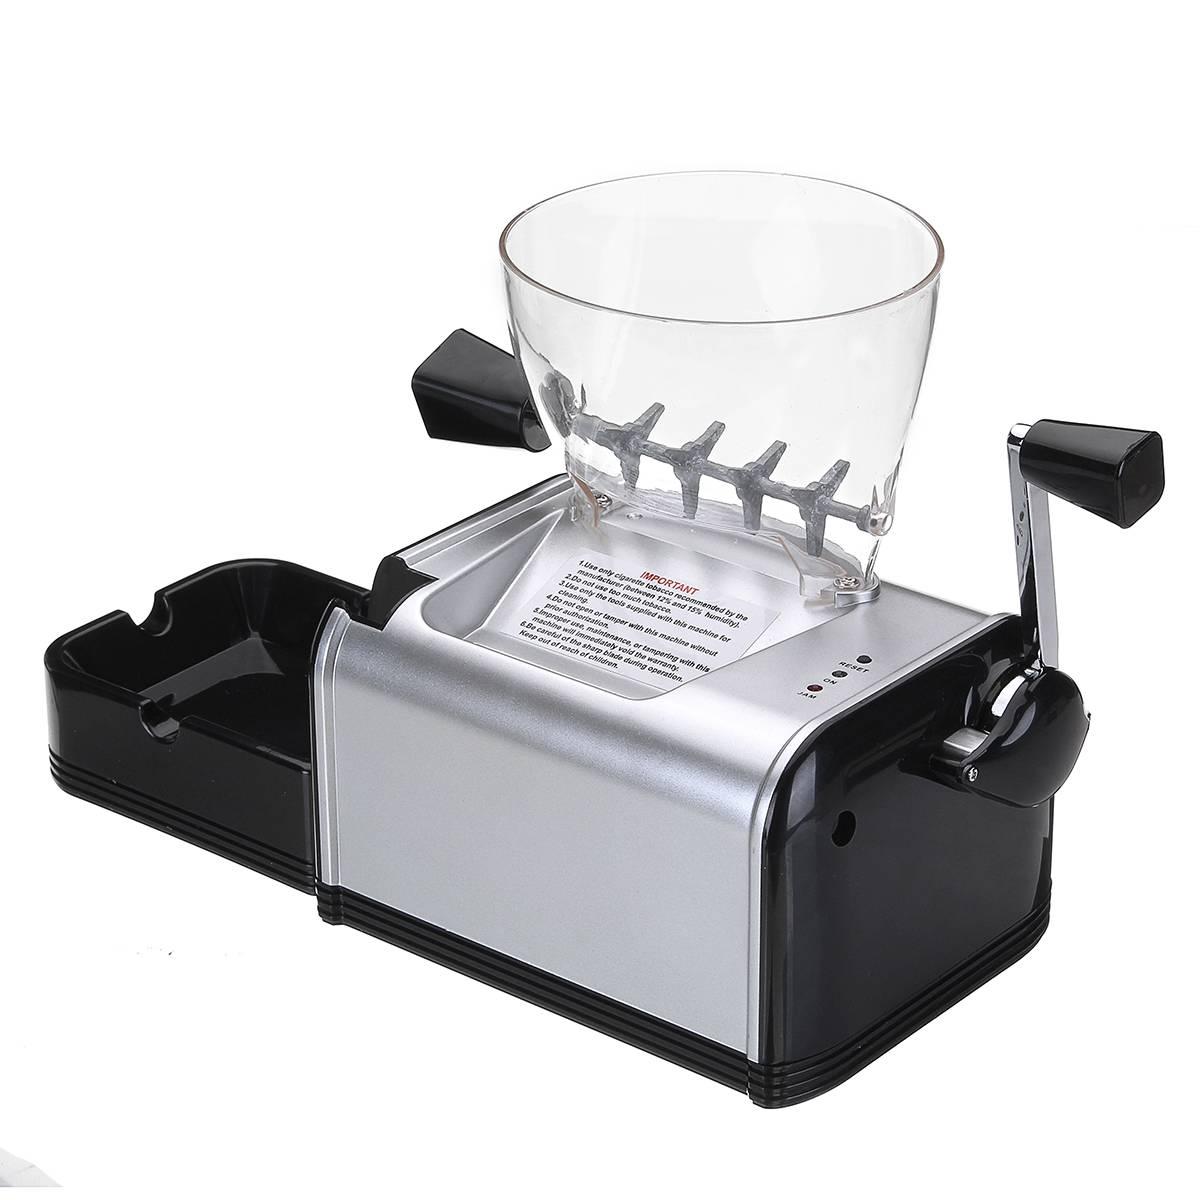 Automatique électrique faisant la Machine à rouler Machine à cigarettes tabac électronique injecteur fabricant rouleau facile Portable outil à fumer